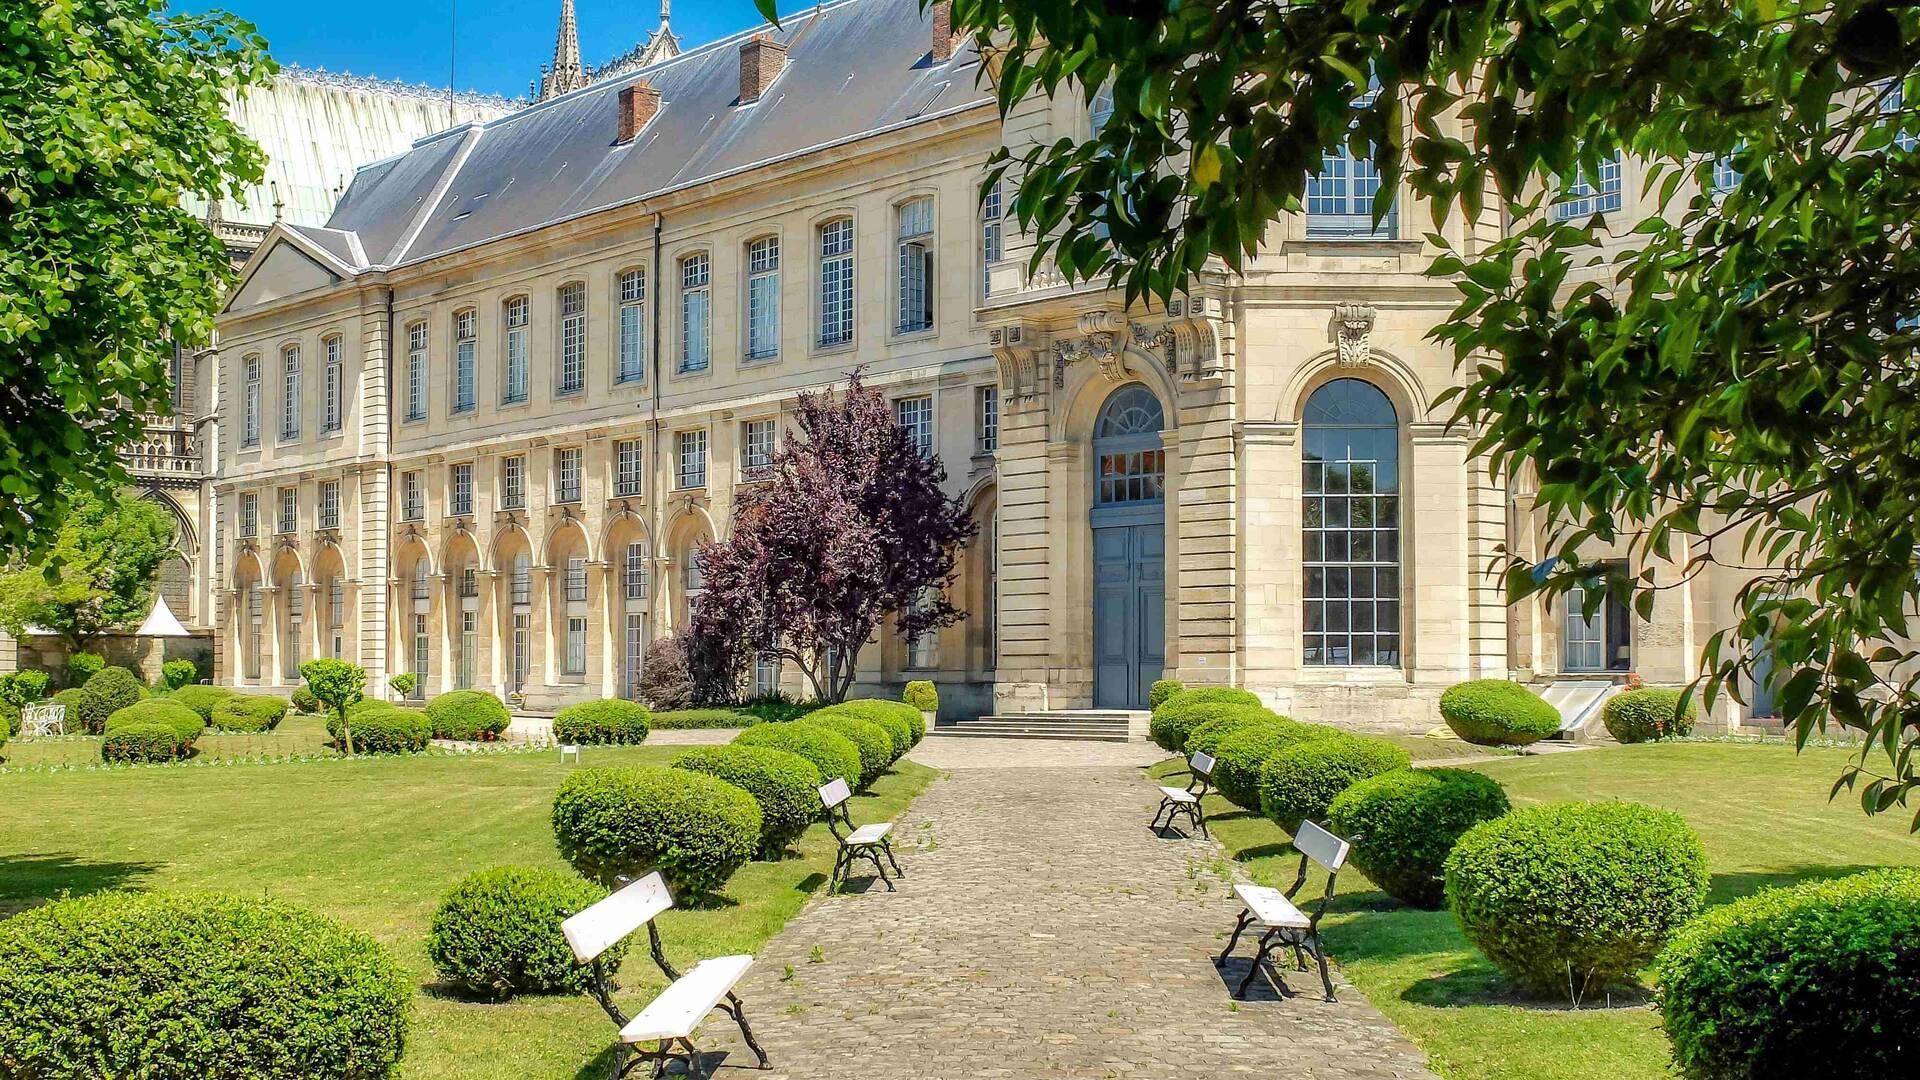 tourisme plaine commune grand paris nord - maison education de la légion d'honneur -